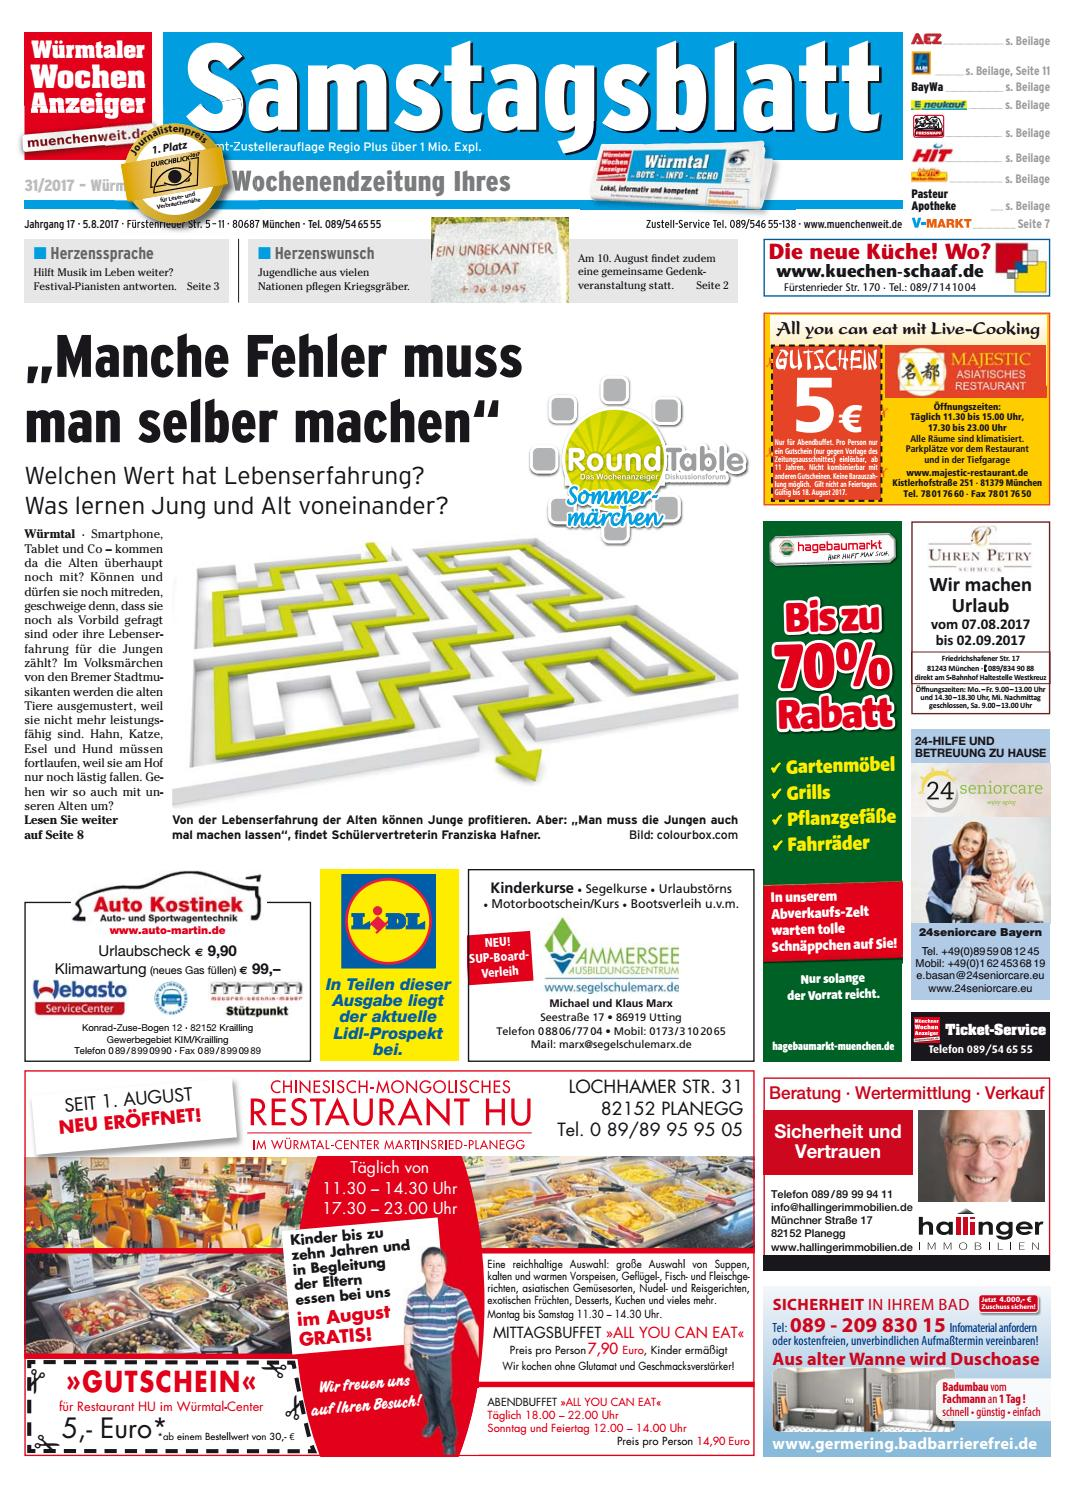 Elektrisches Spielzeug Kinderrennbahnen Frank Mg Zu Besiegen Katalog 2003 Neu 16 Seiten